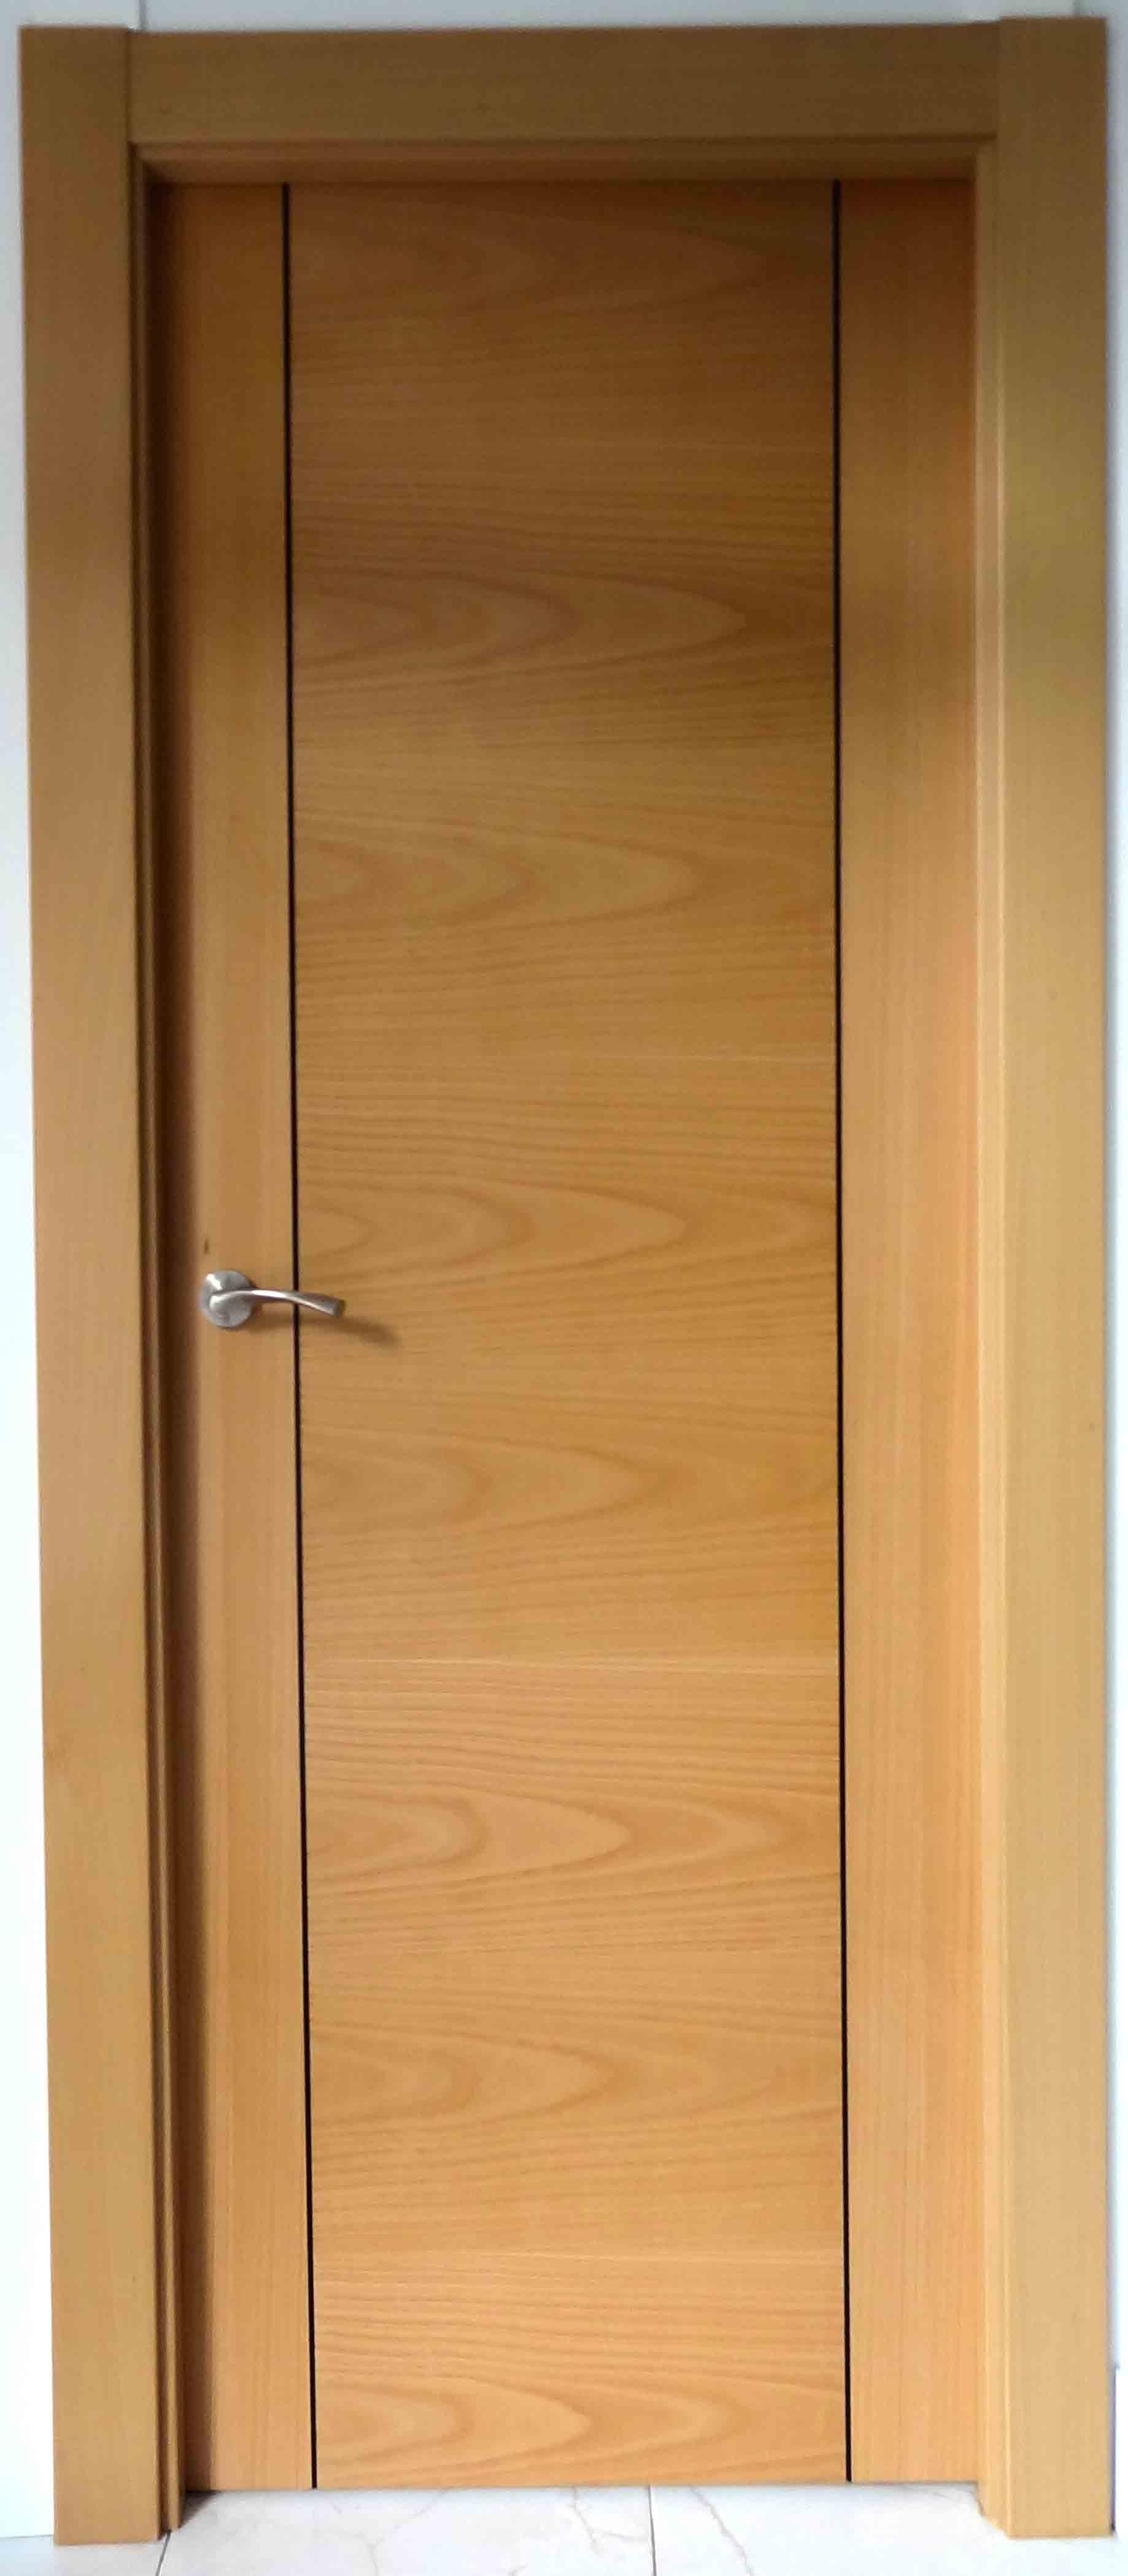 Puertas de haya vaporizada great puerta de interior mod - Puertas haya vaporizada ...